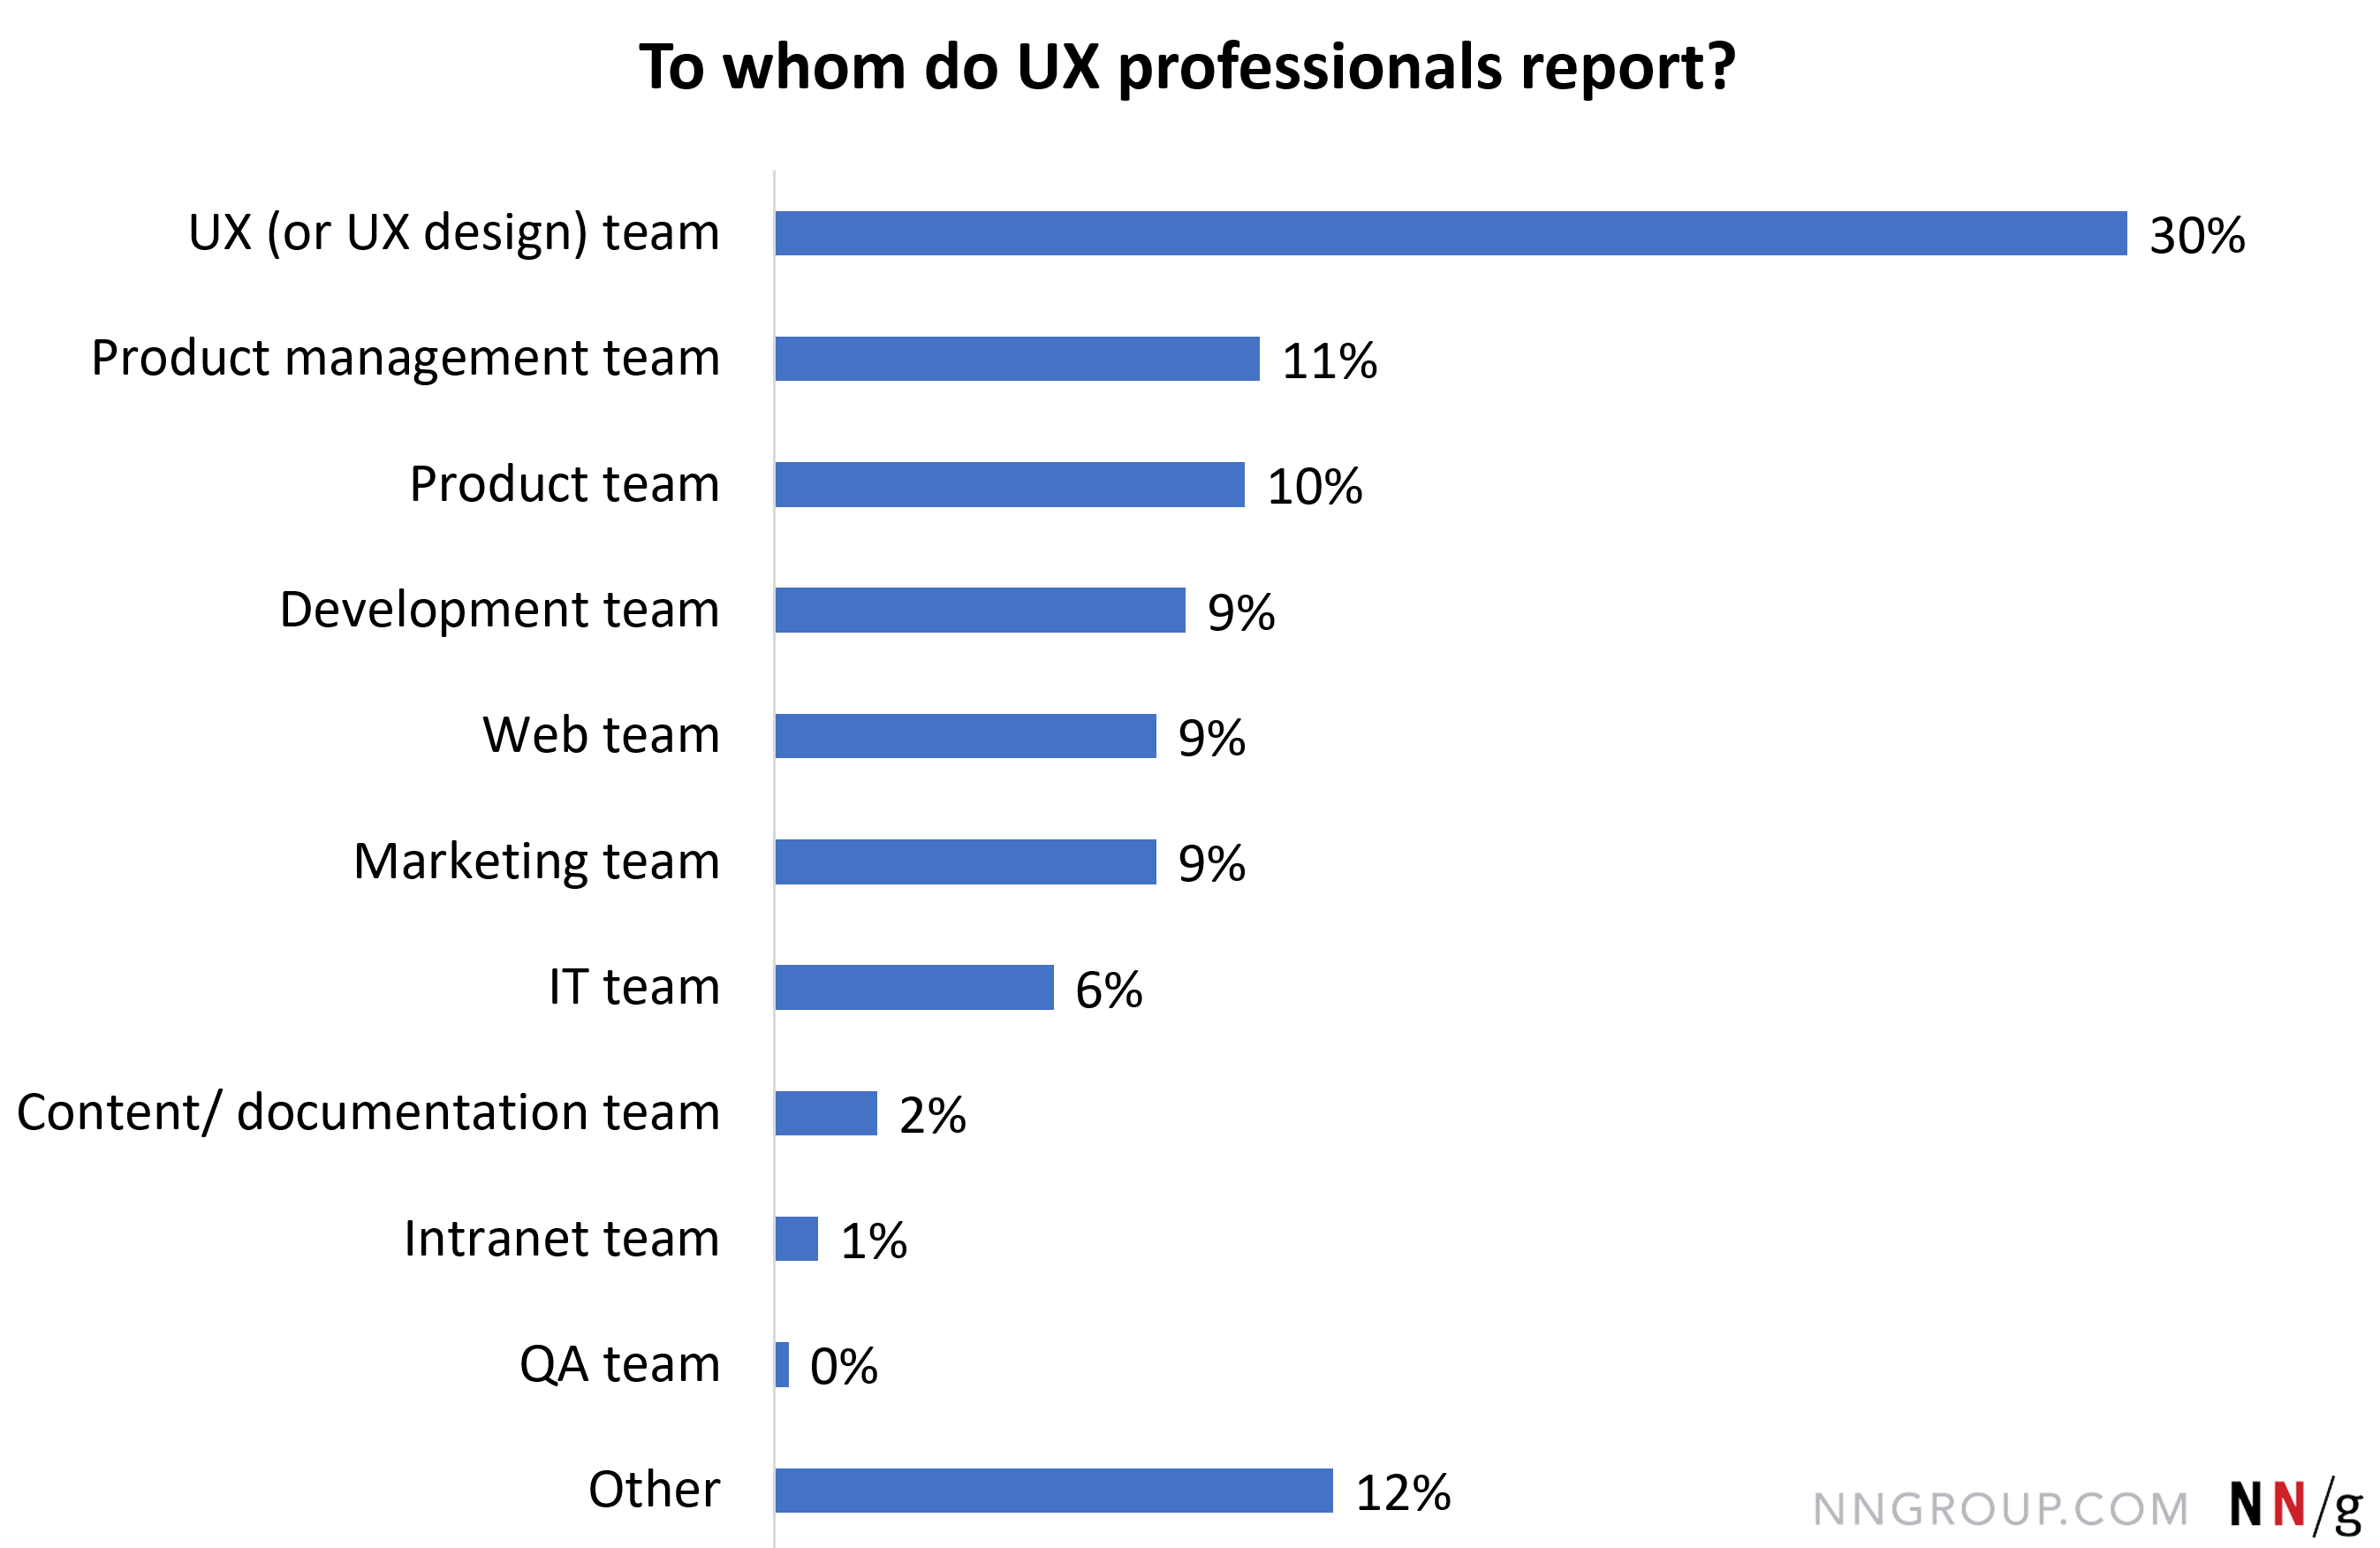 万博官网manbetmanbetx官方网站手机版x下载用户体验(或用户体验设计)的团队,30.07%;其他的,12。42%;产品管理团队,10。78%;产品团队,10。46%;开发团队,9。15%;网络团队,8。82%;营销团队,8。50%;IT团队,6。21%;内容/文档团队,2。29%;内部网的团队,0。98%;QA团队,0。33%。。